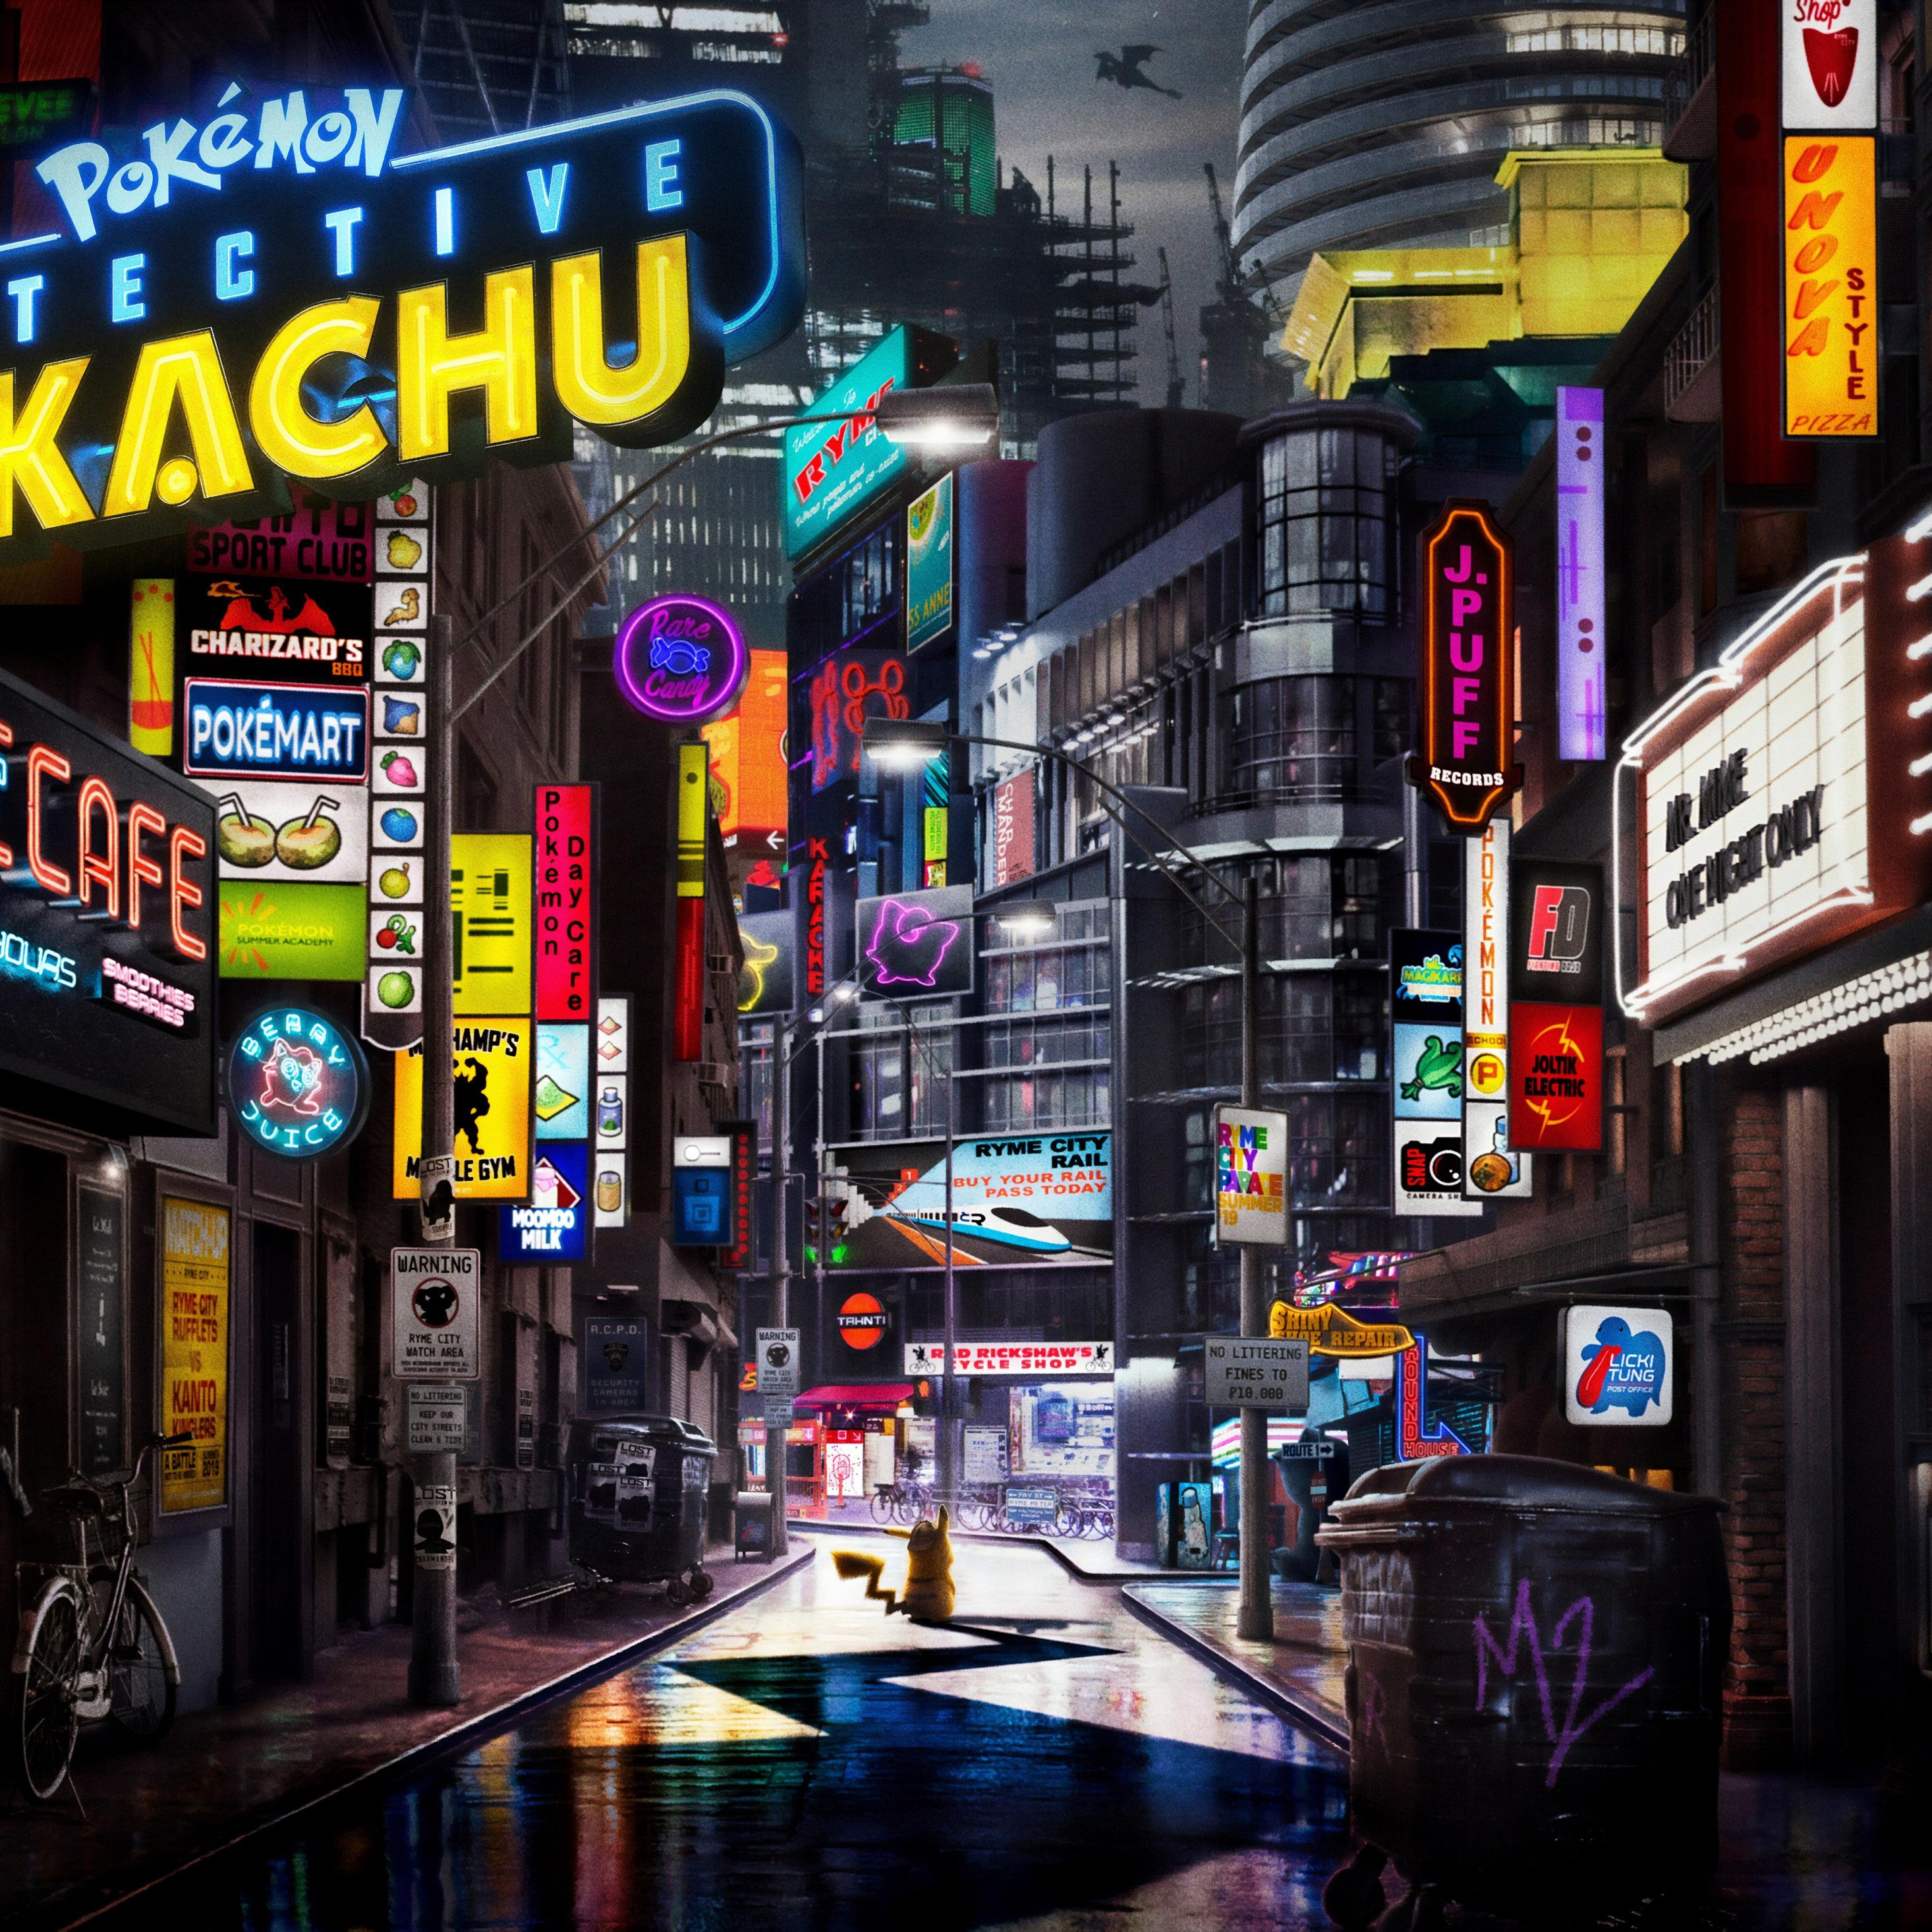 Download 2932x2932 Wallpaper Pokemon Detective Pikachu Animation